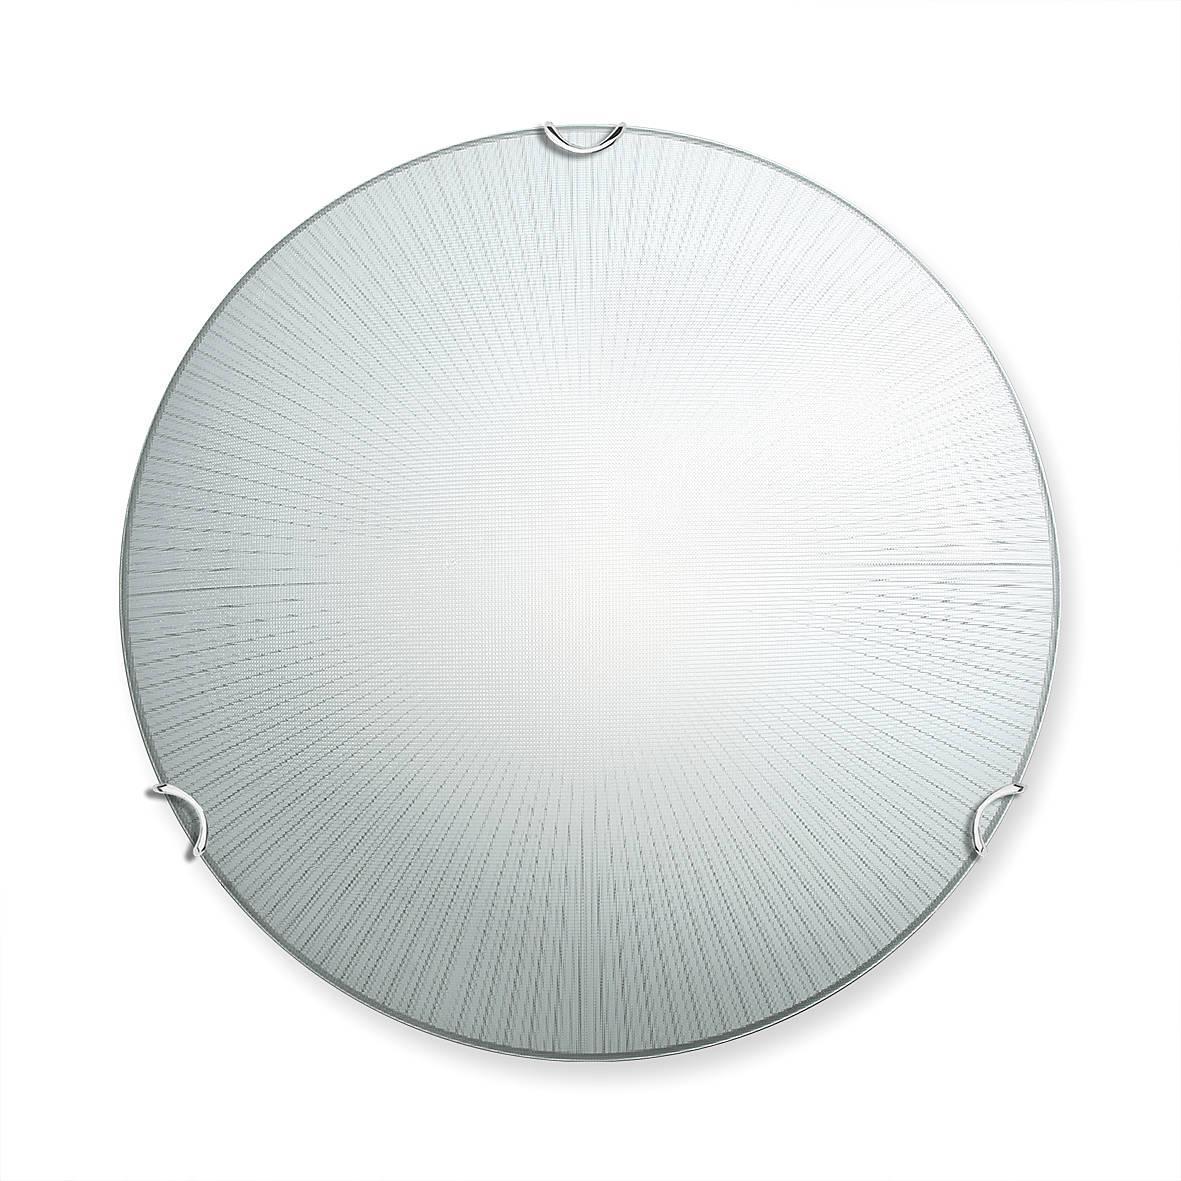 Настенно-потолочный светильник Vitaluce V6141/1A настенно потолочный светильник vitaluce v6416 1a